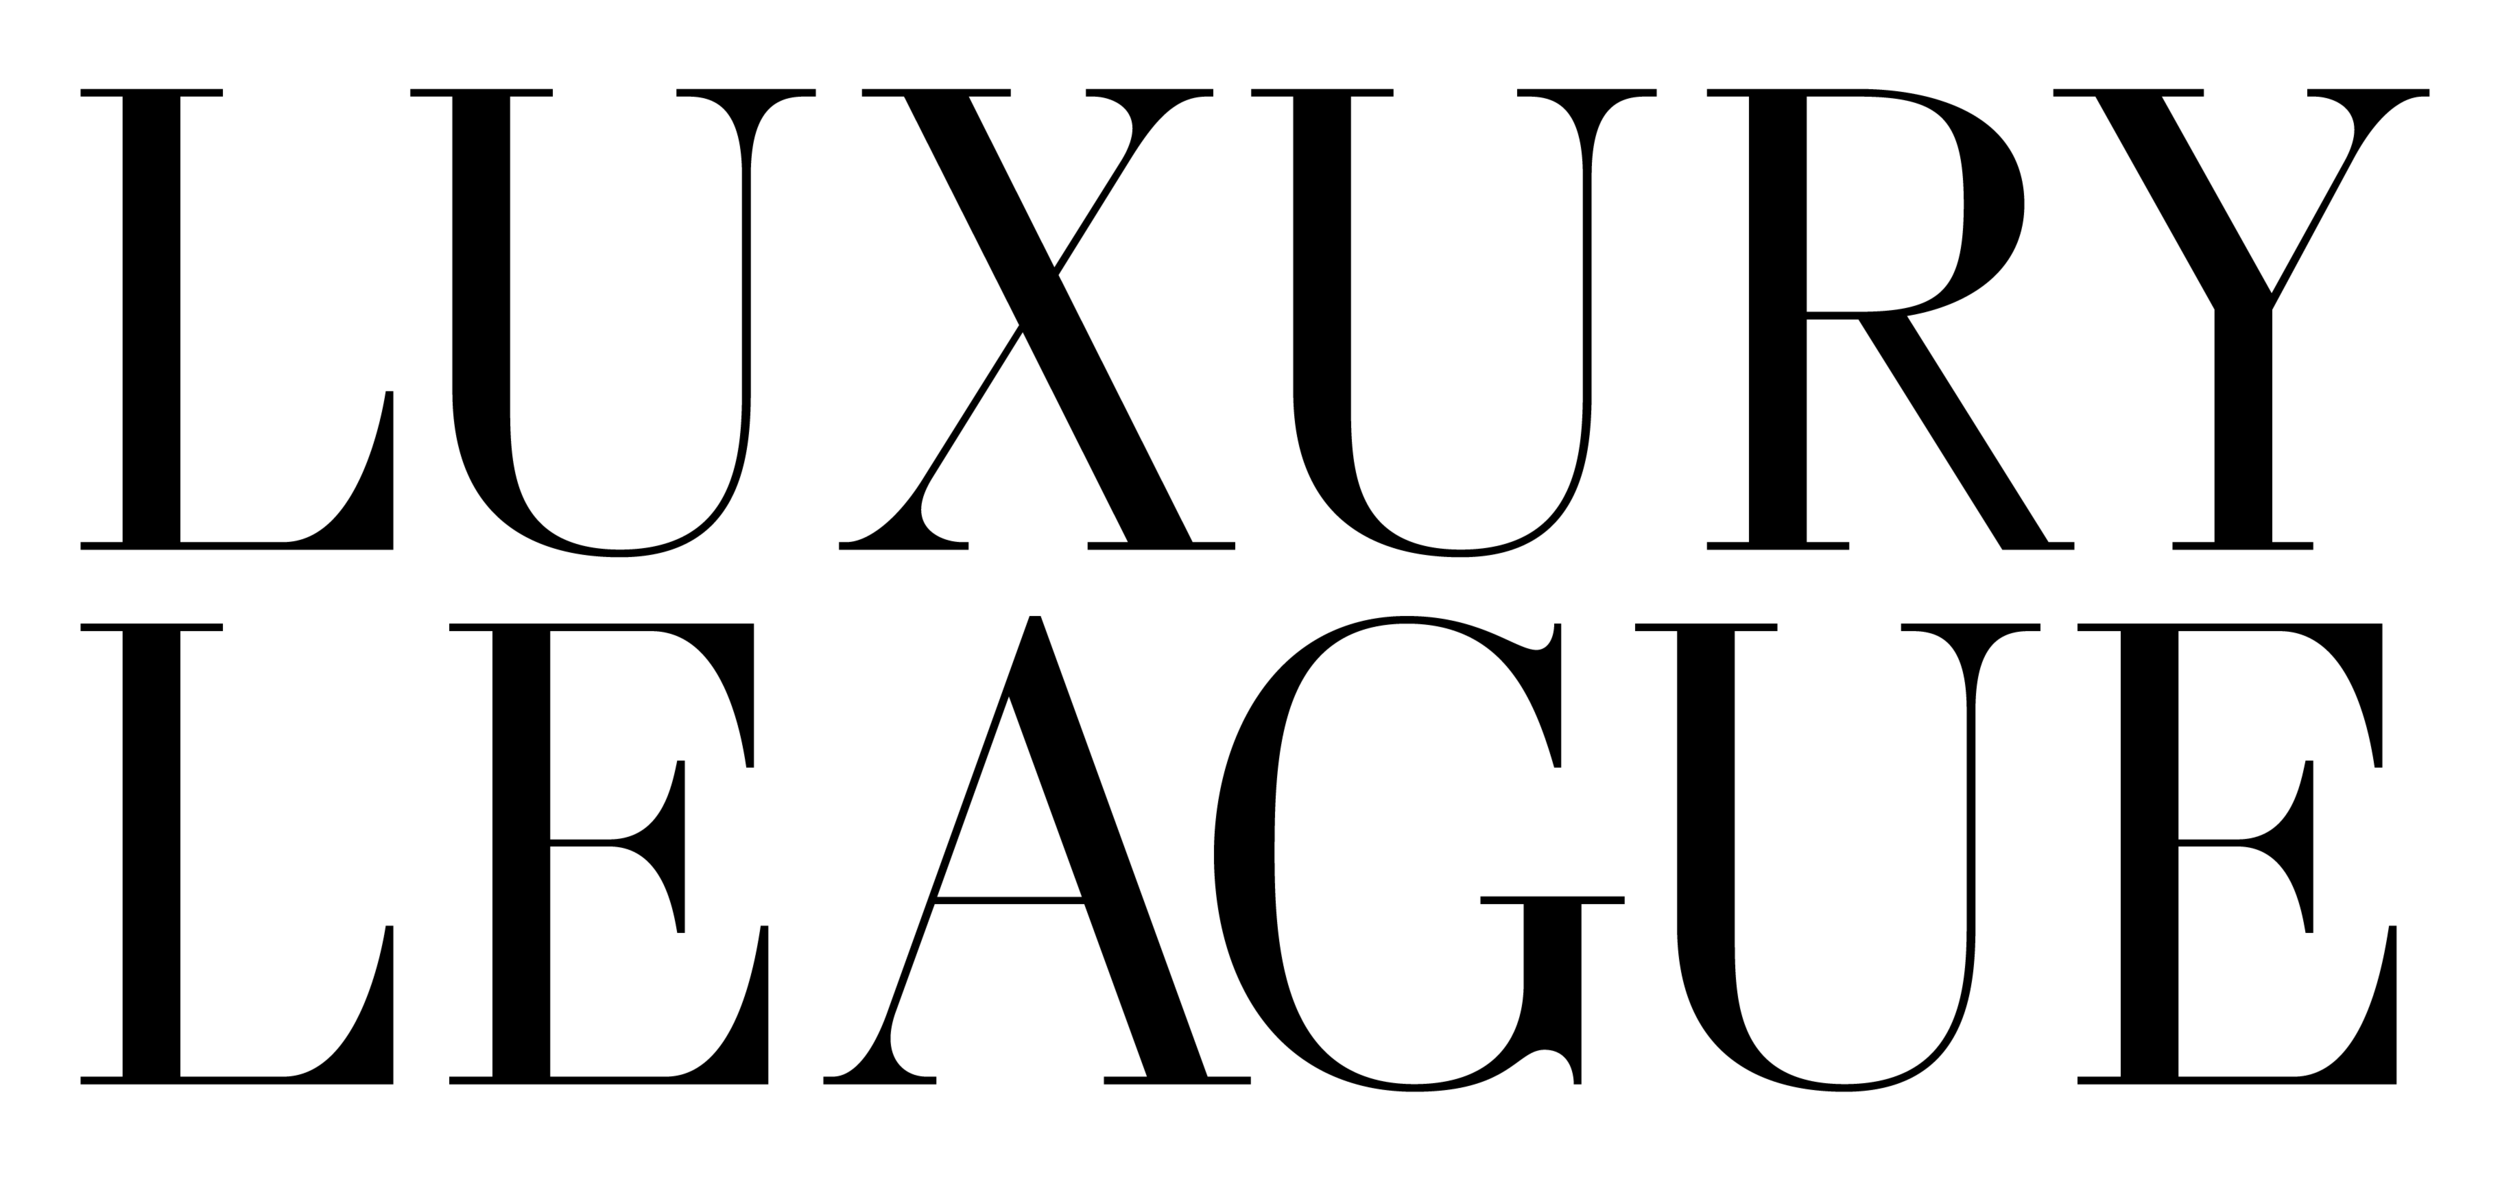 Black_LuxLeague-Standard (1).png